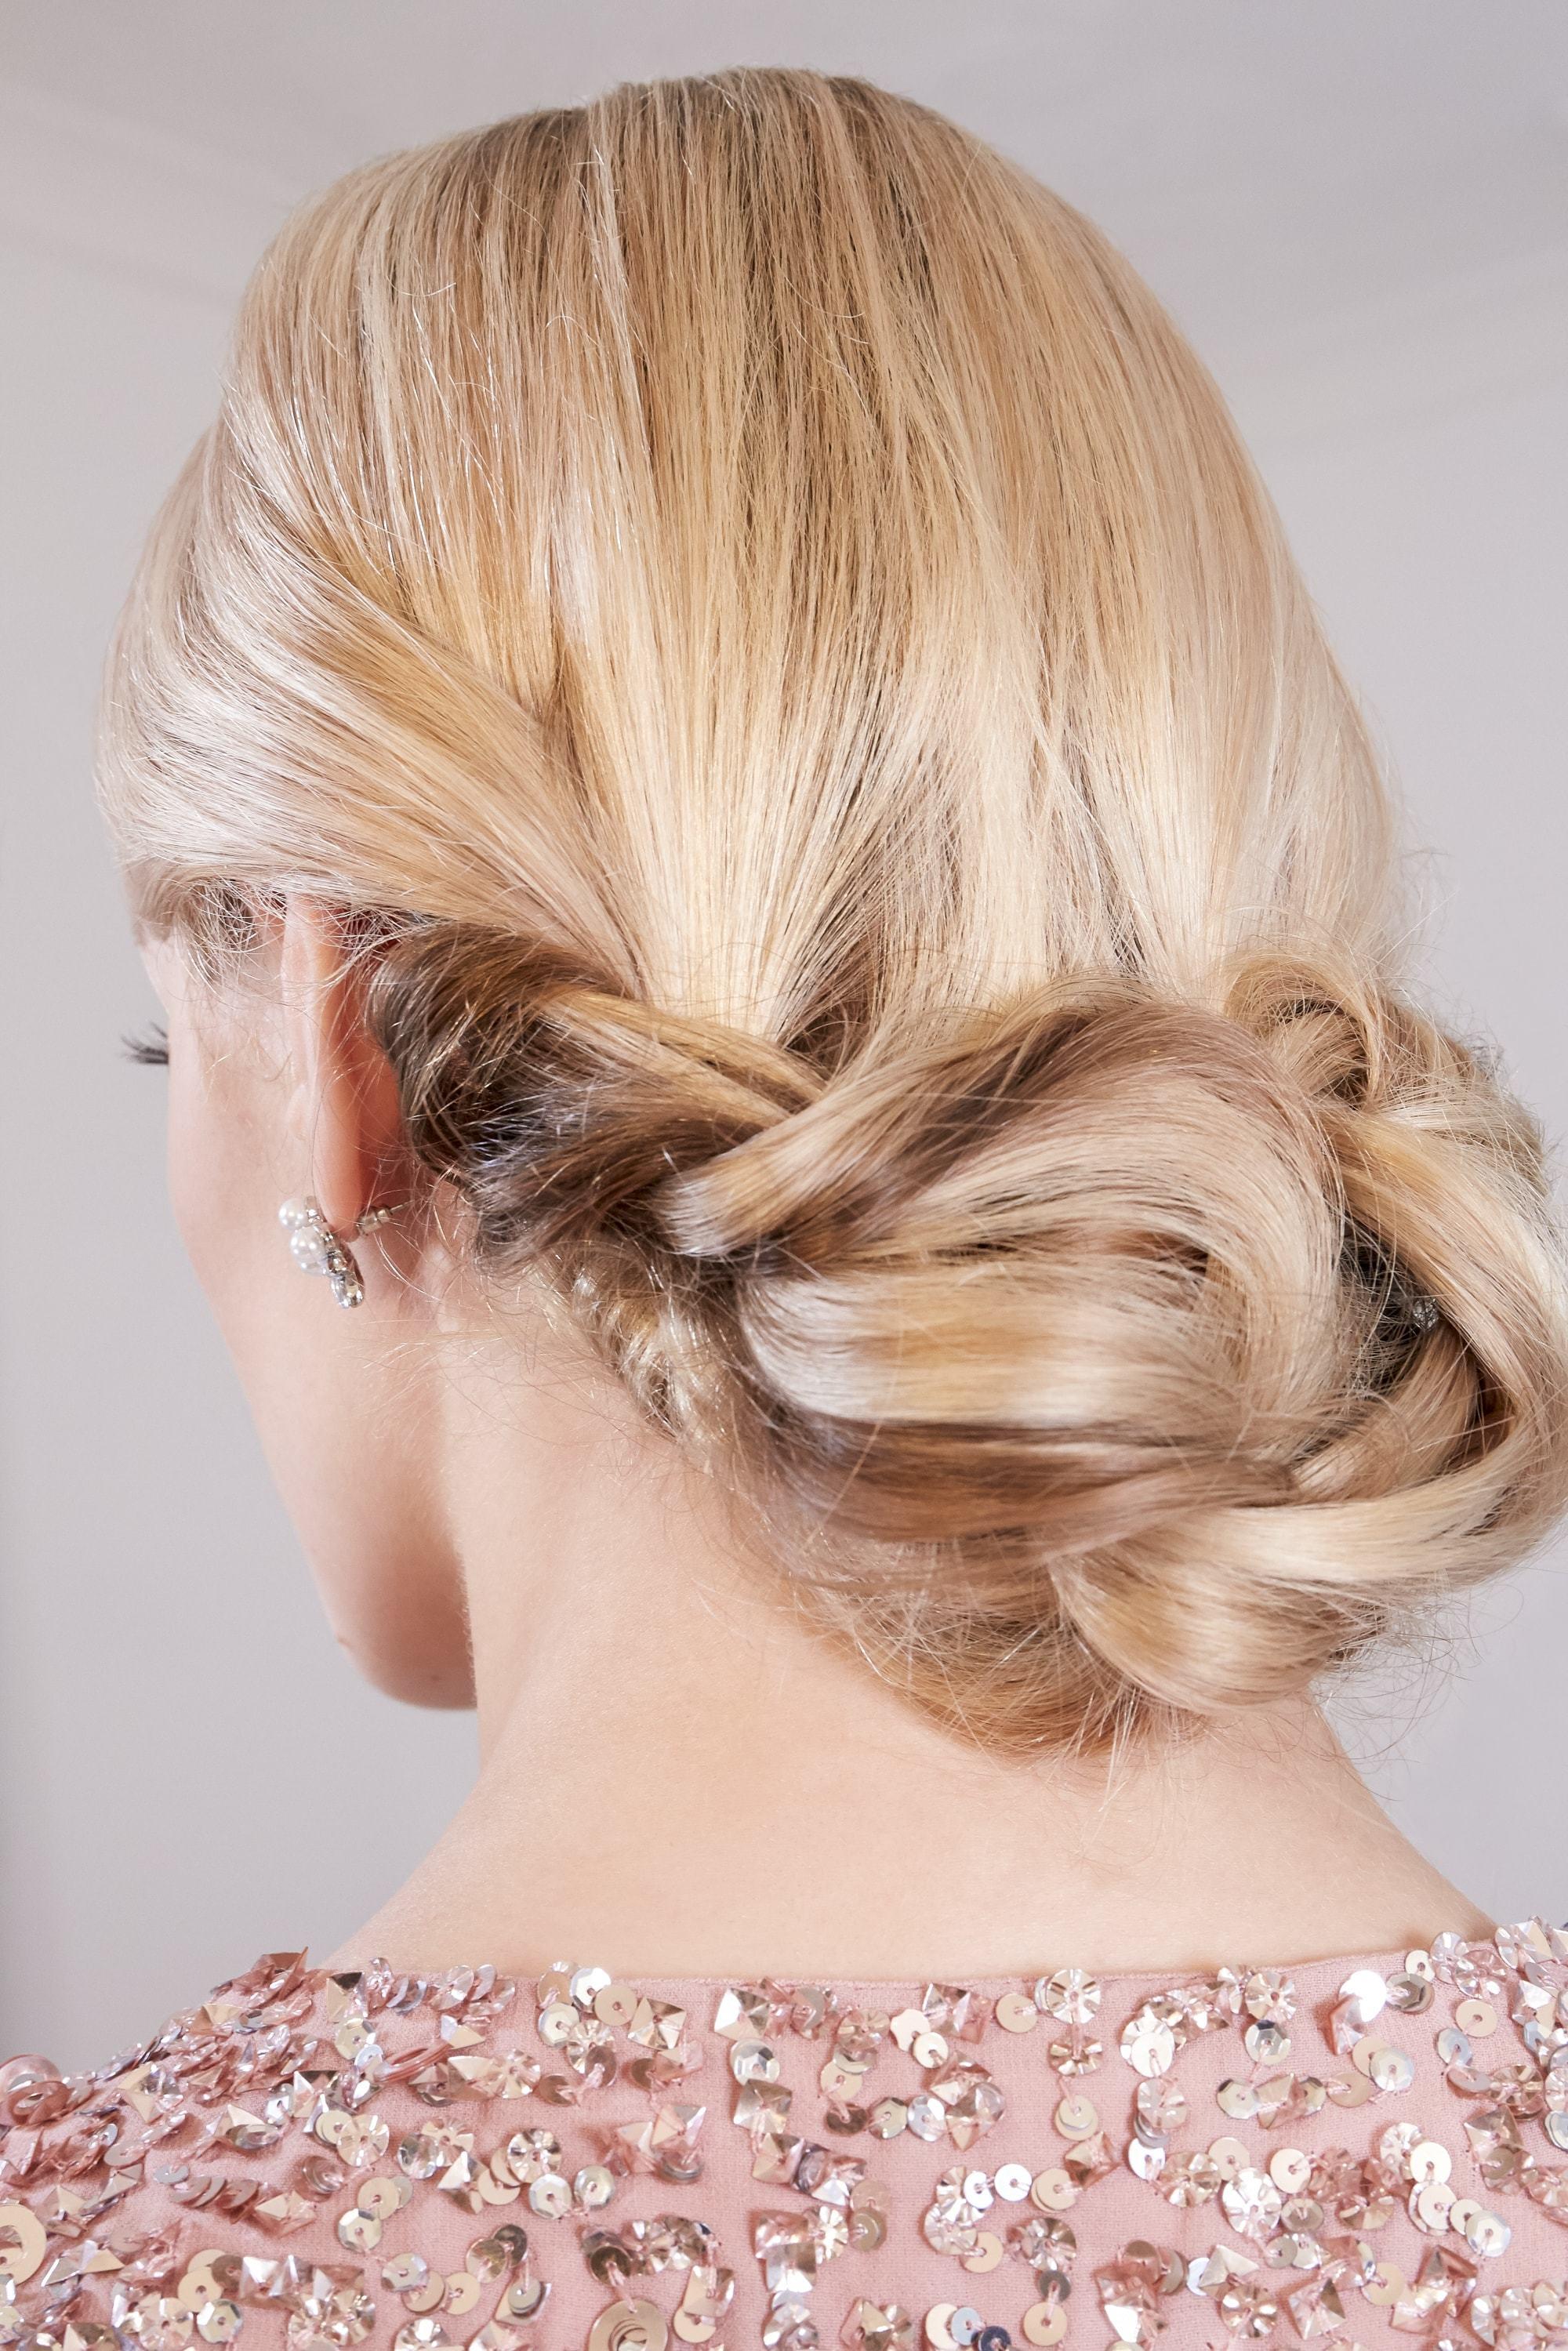 Des tresses faciles pour les cheveux longs : Vue de dos d'une femme blonde avec un chignon bas et tordu, portant une robe à paillettes roses